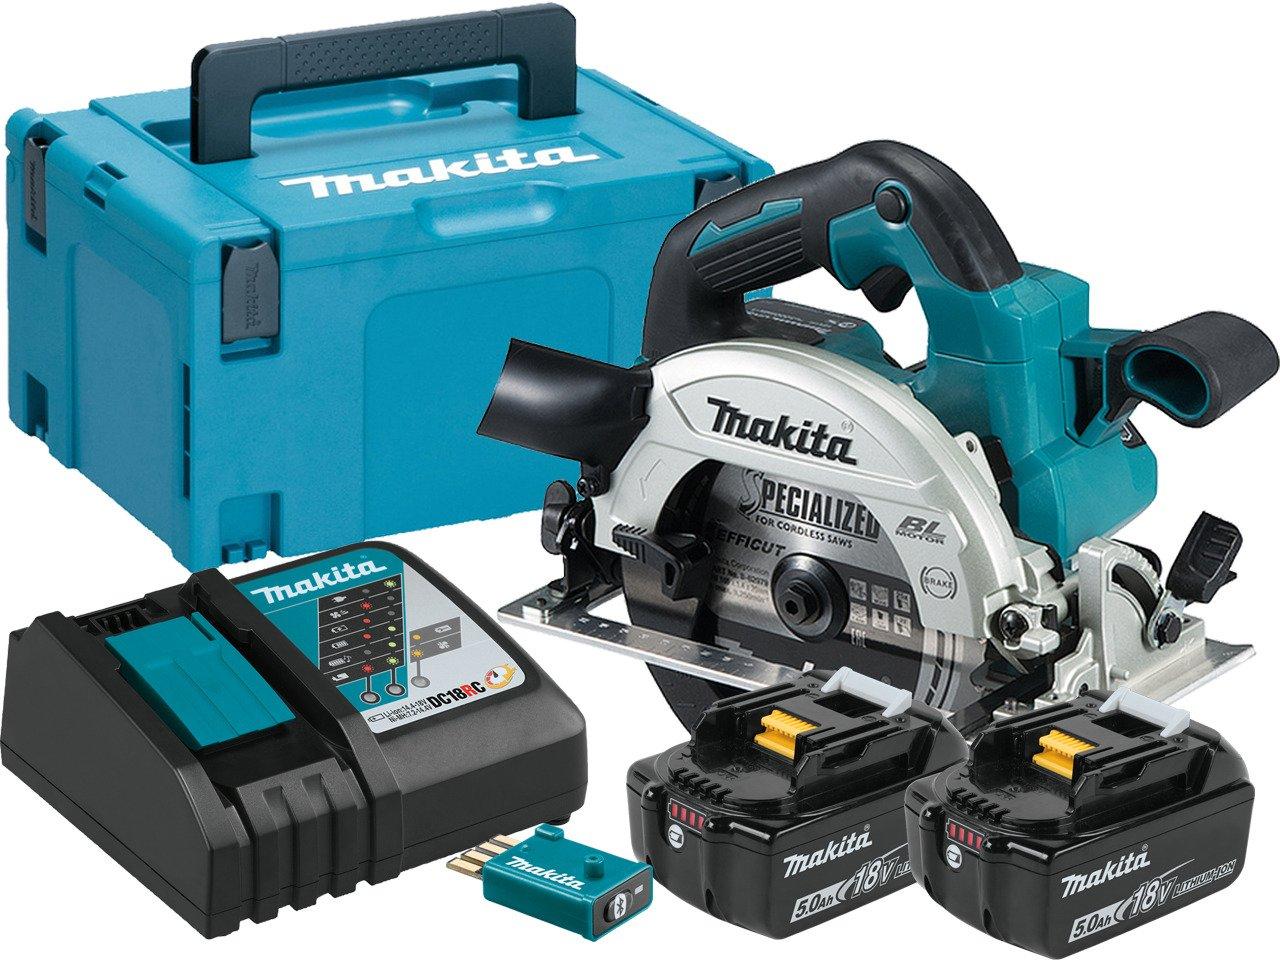 makita dhs661rtju akkus körfűrész 165mm (lxt) (bl motor) (adt) (aws) 18v/2x5.0ah makpack kofferrel